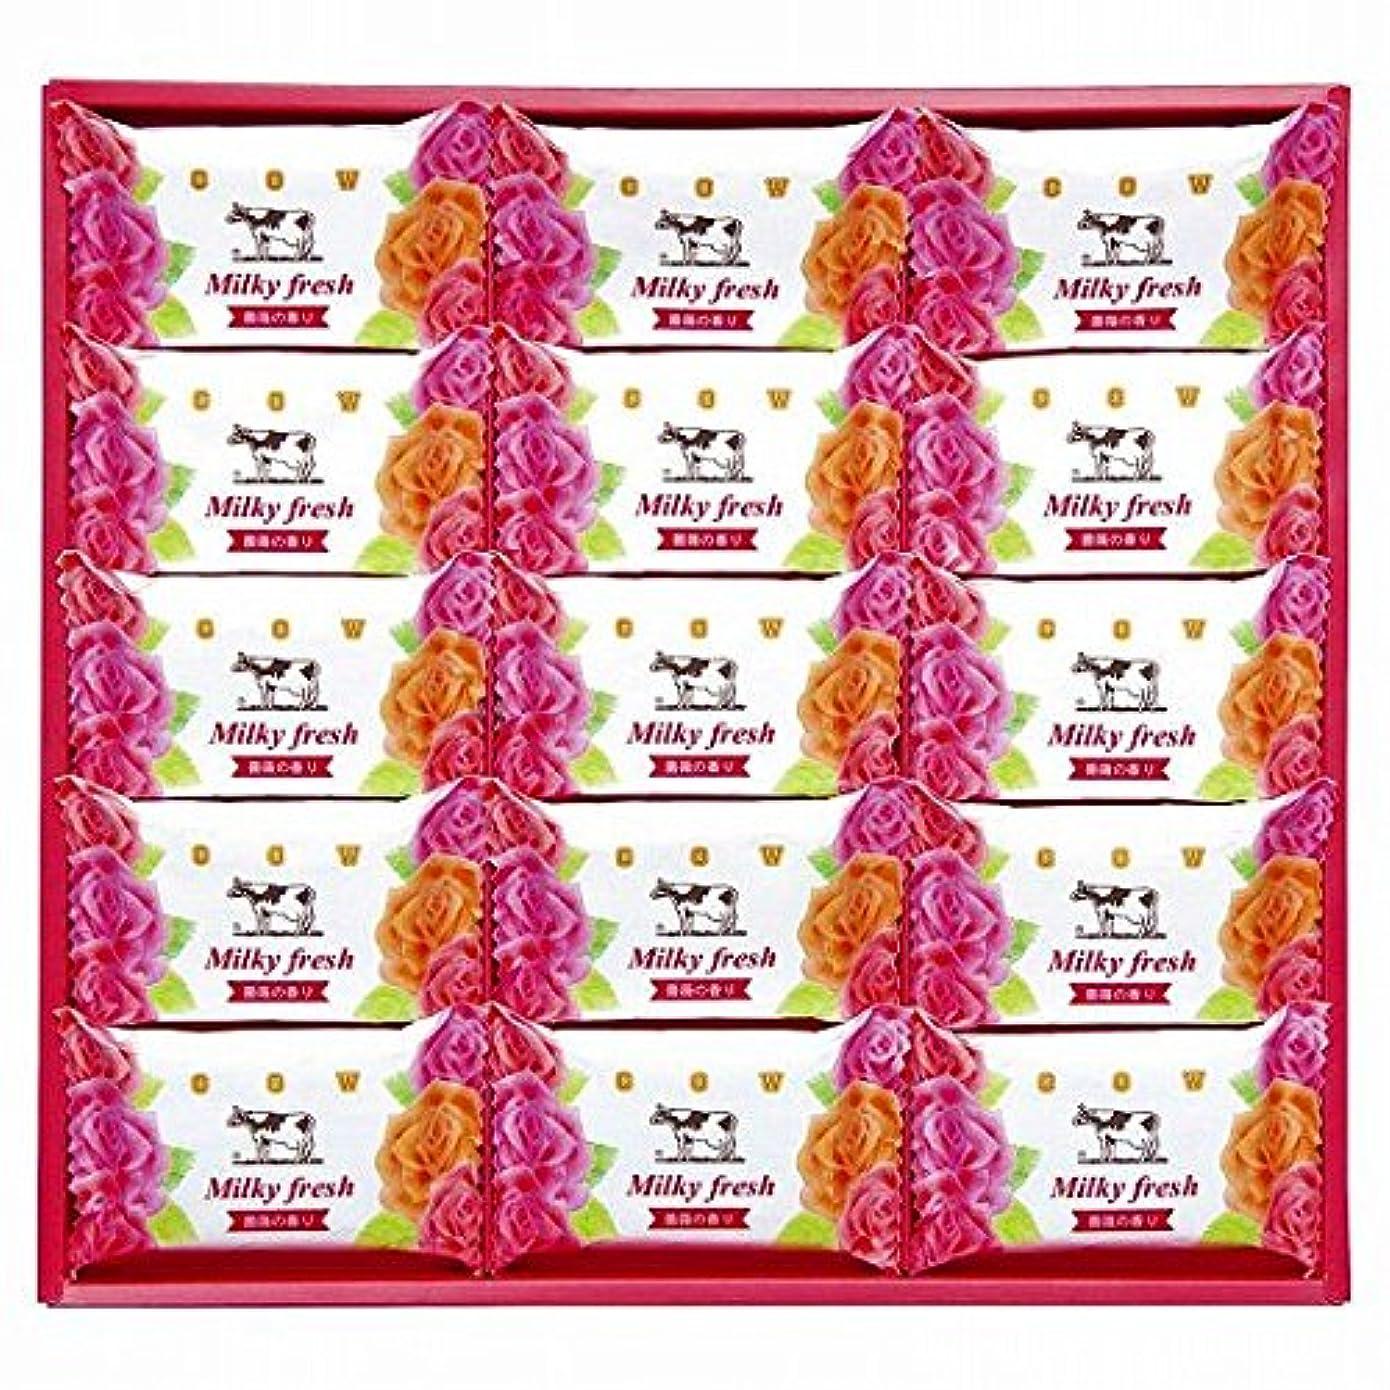 nobrand 牛乳石鹸 ミルキィフレッシュセット (MF-15)